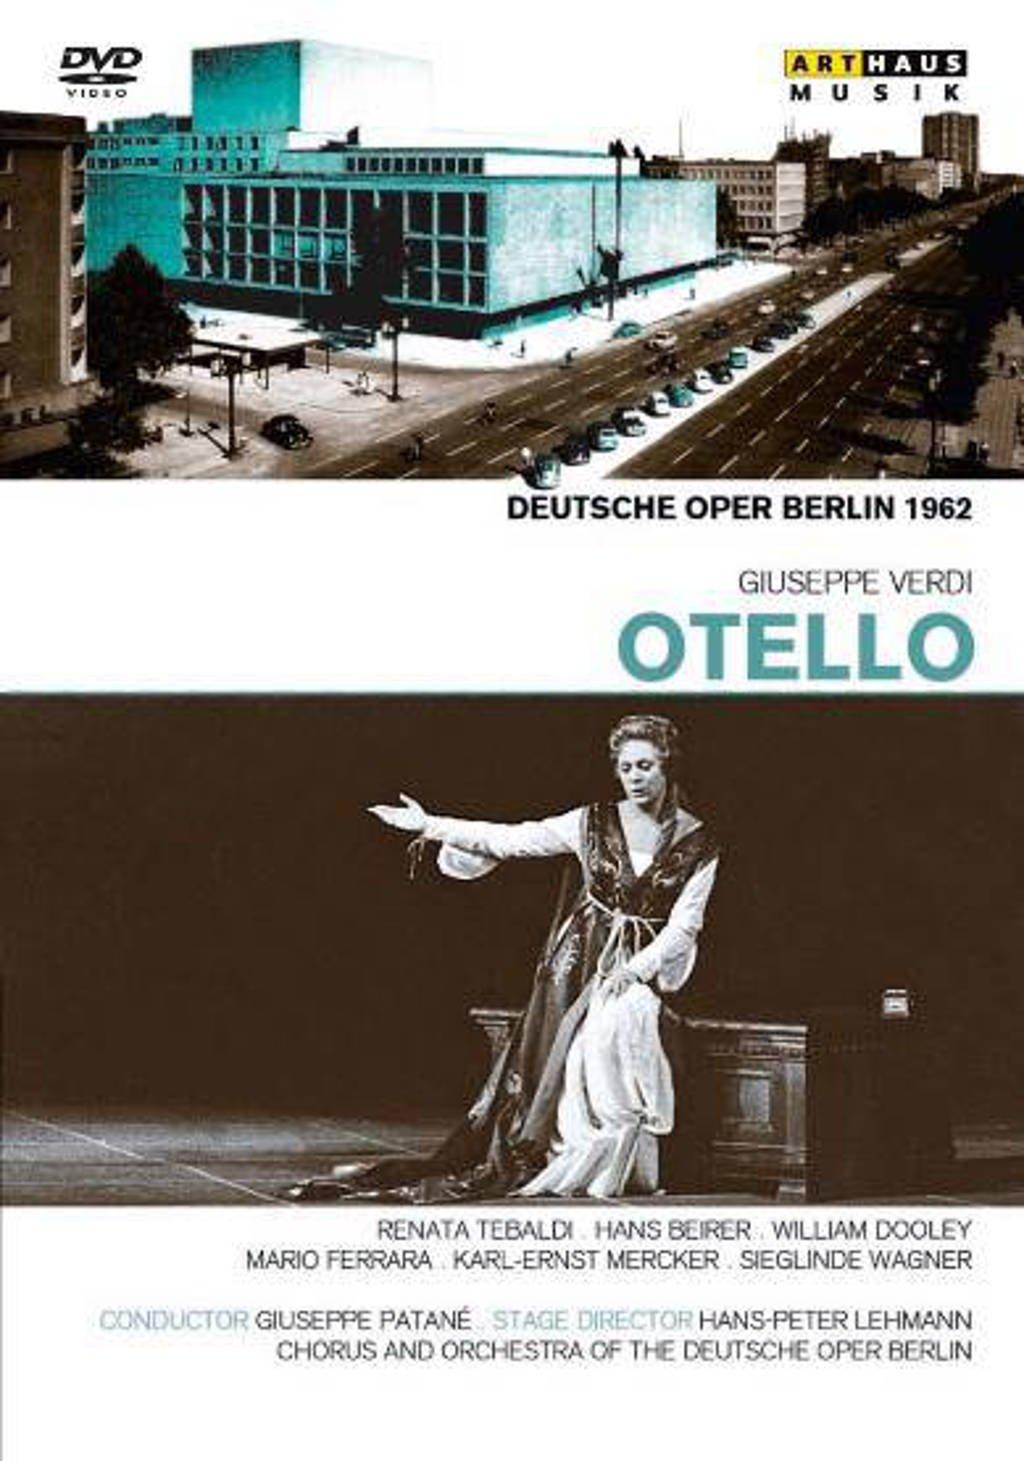 Tebaldi,Beirer,Dooley - Otello, Berlijn 1962 (DVD)